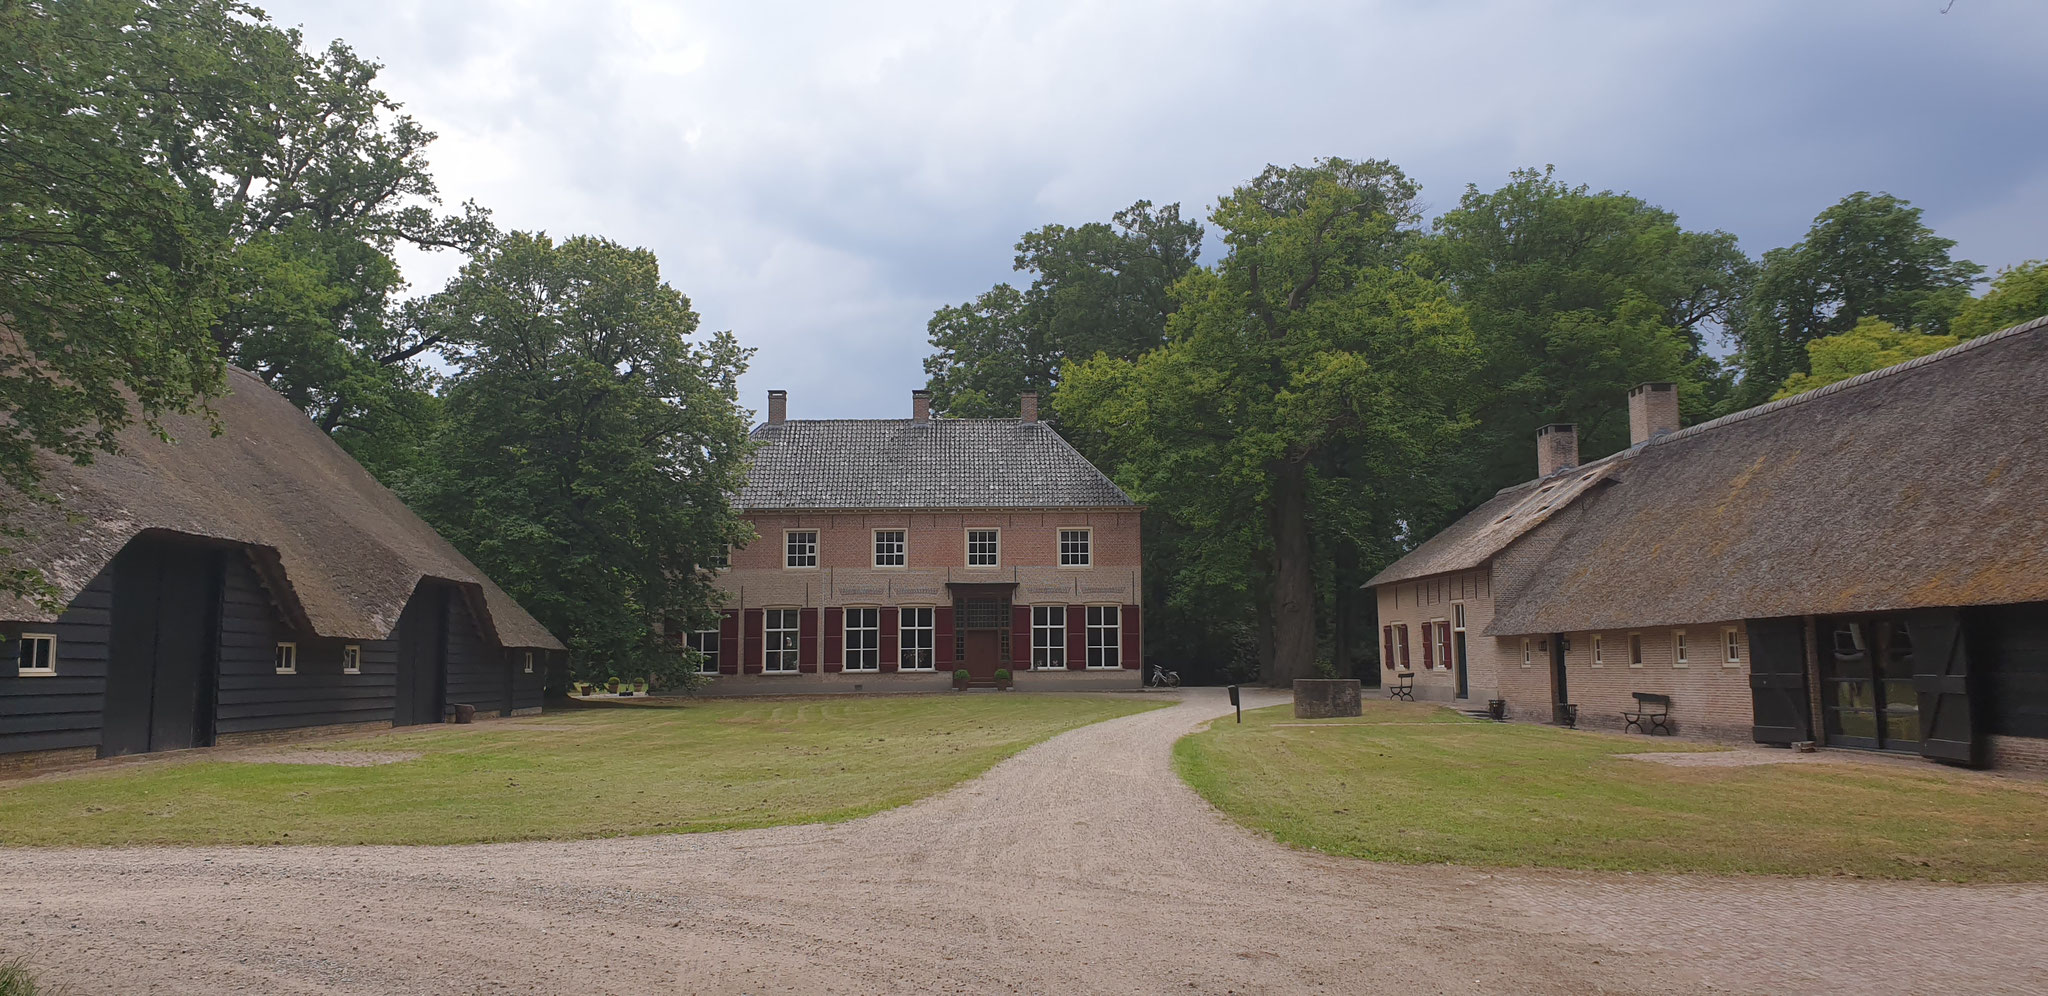 Ensemble van landhuis, schuur en boerderij. Het landhuis is het jongste volume.